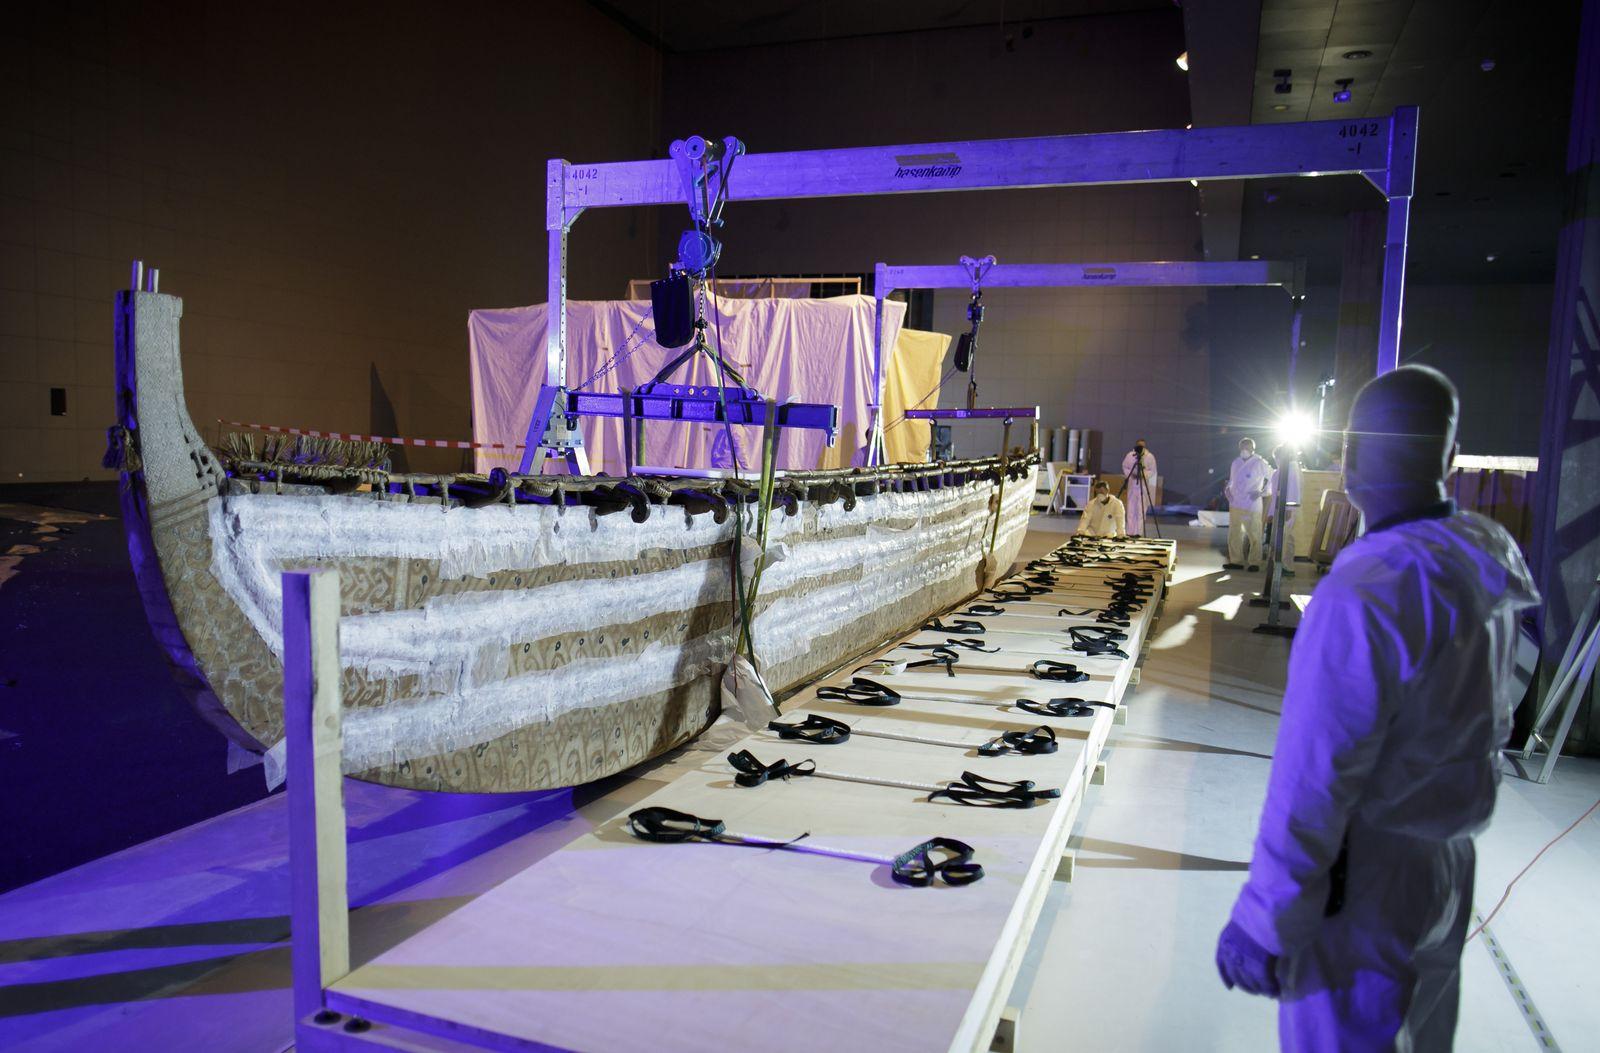 Verlegung des Hochsee Segelboots. ©SPK/photothek.net/Thomas Koehler.